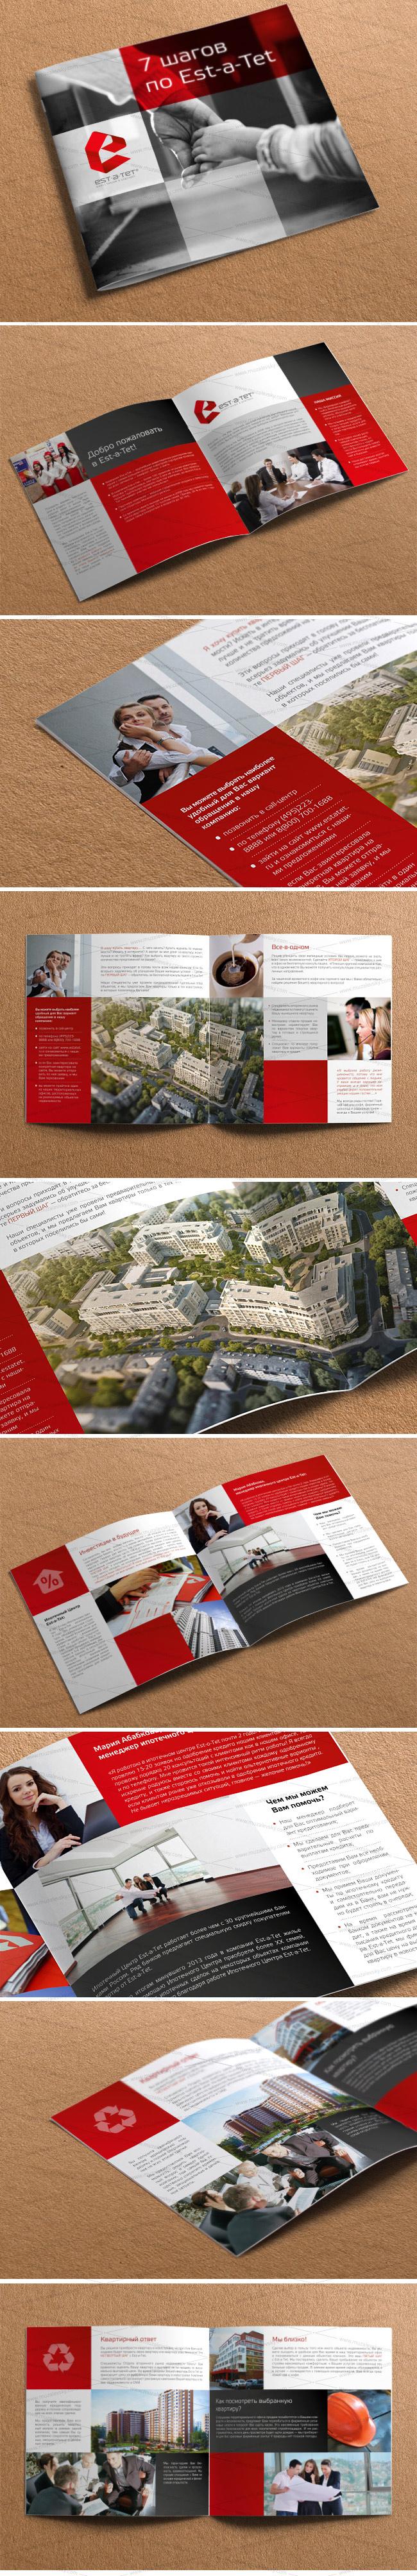 Brochure_Est-a-tet